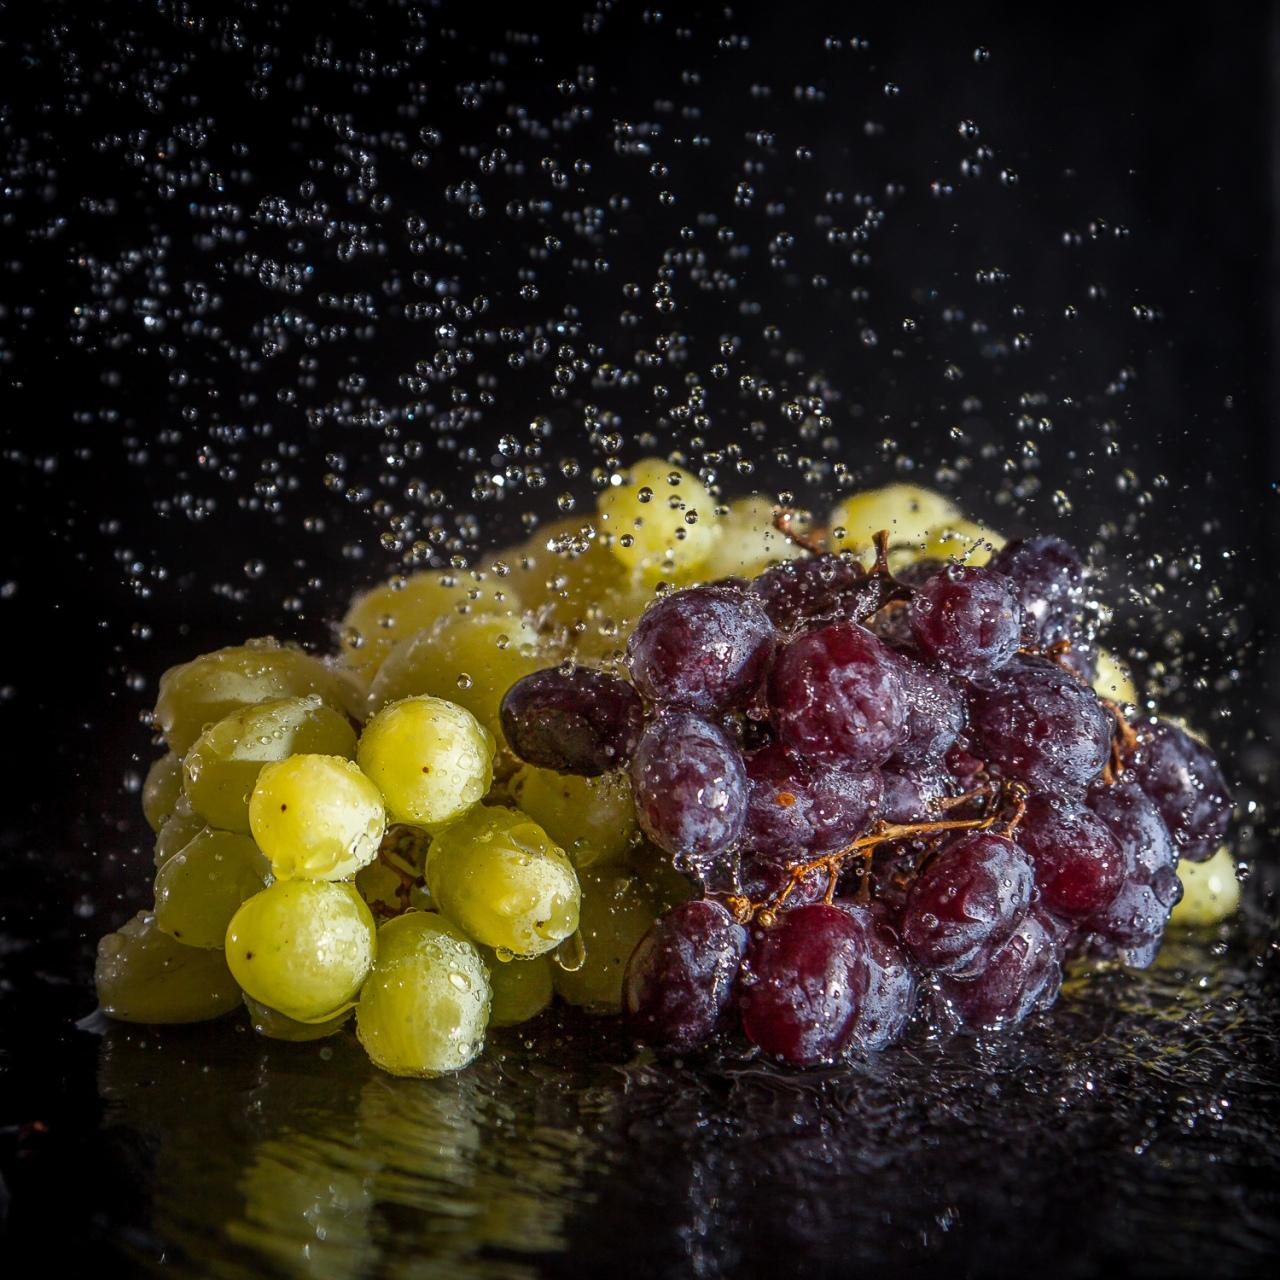 Weintrauben auf schwarzem Untergrund im Waserstrahl